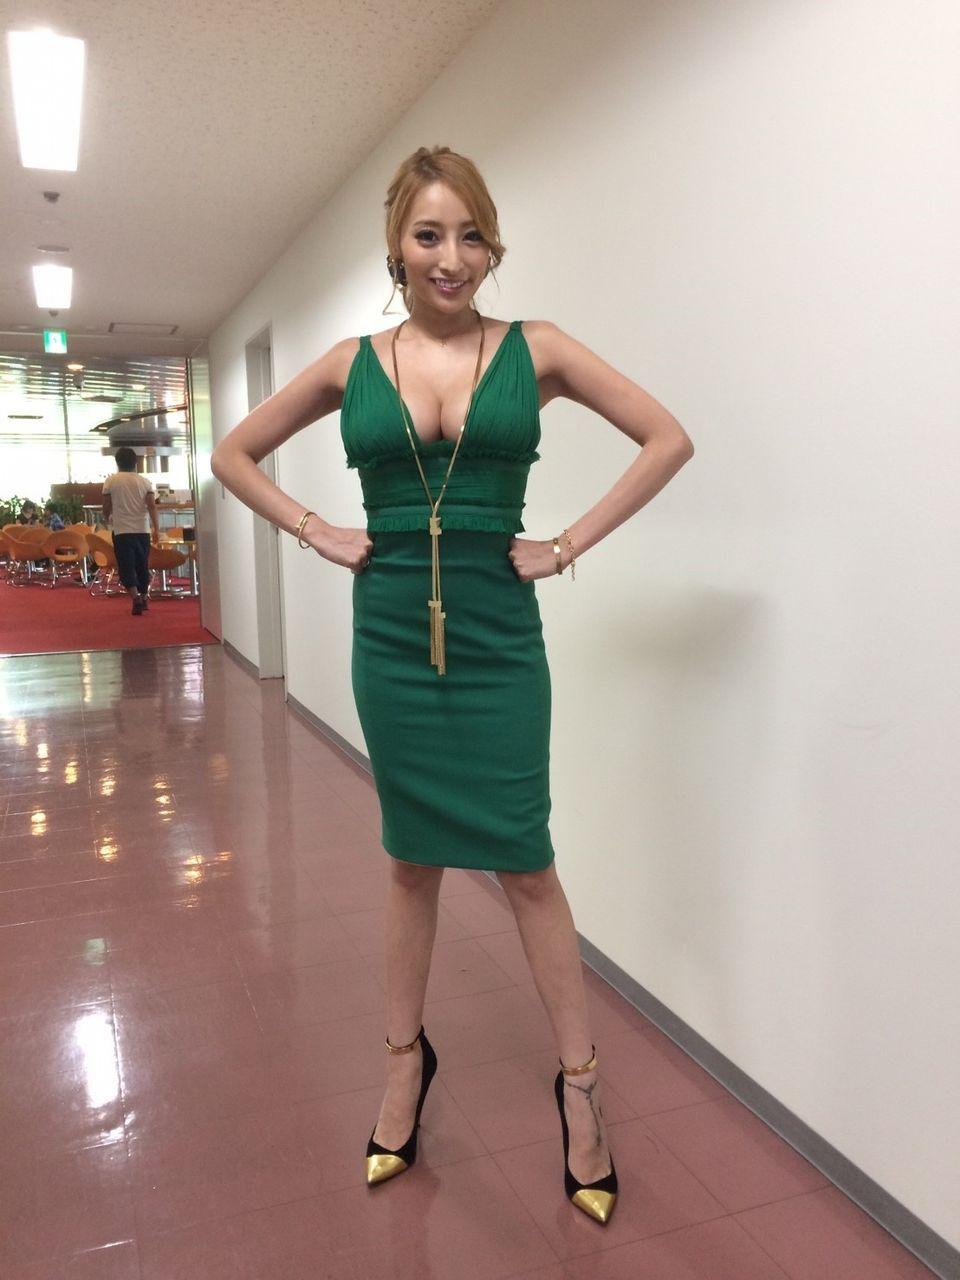 【エンタメ画像】《朗報》加藤紗里さん、BUSトのサイズが100センチを超える♪♪♪♪w【画像あり】